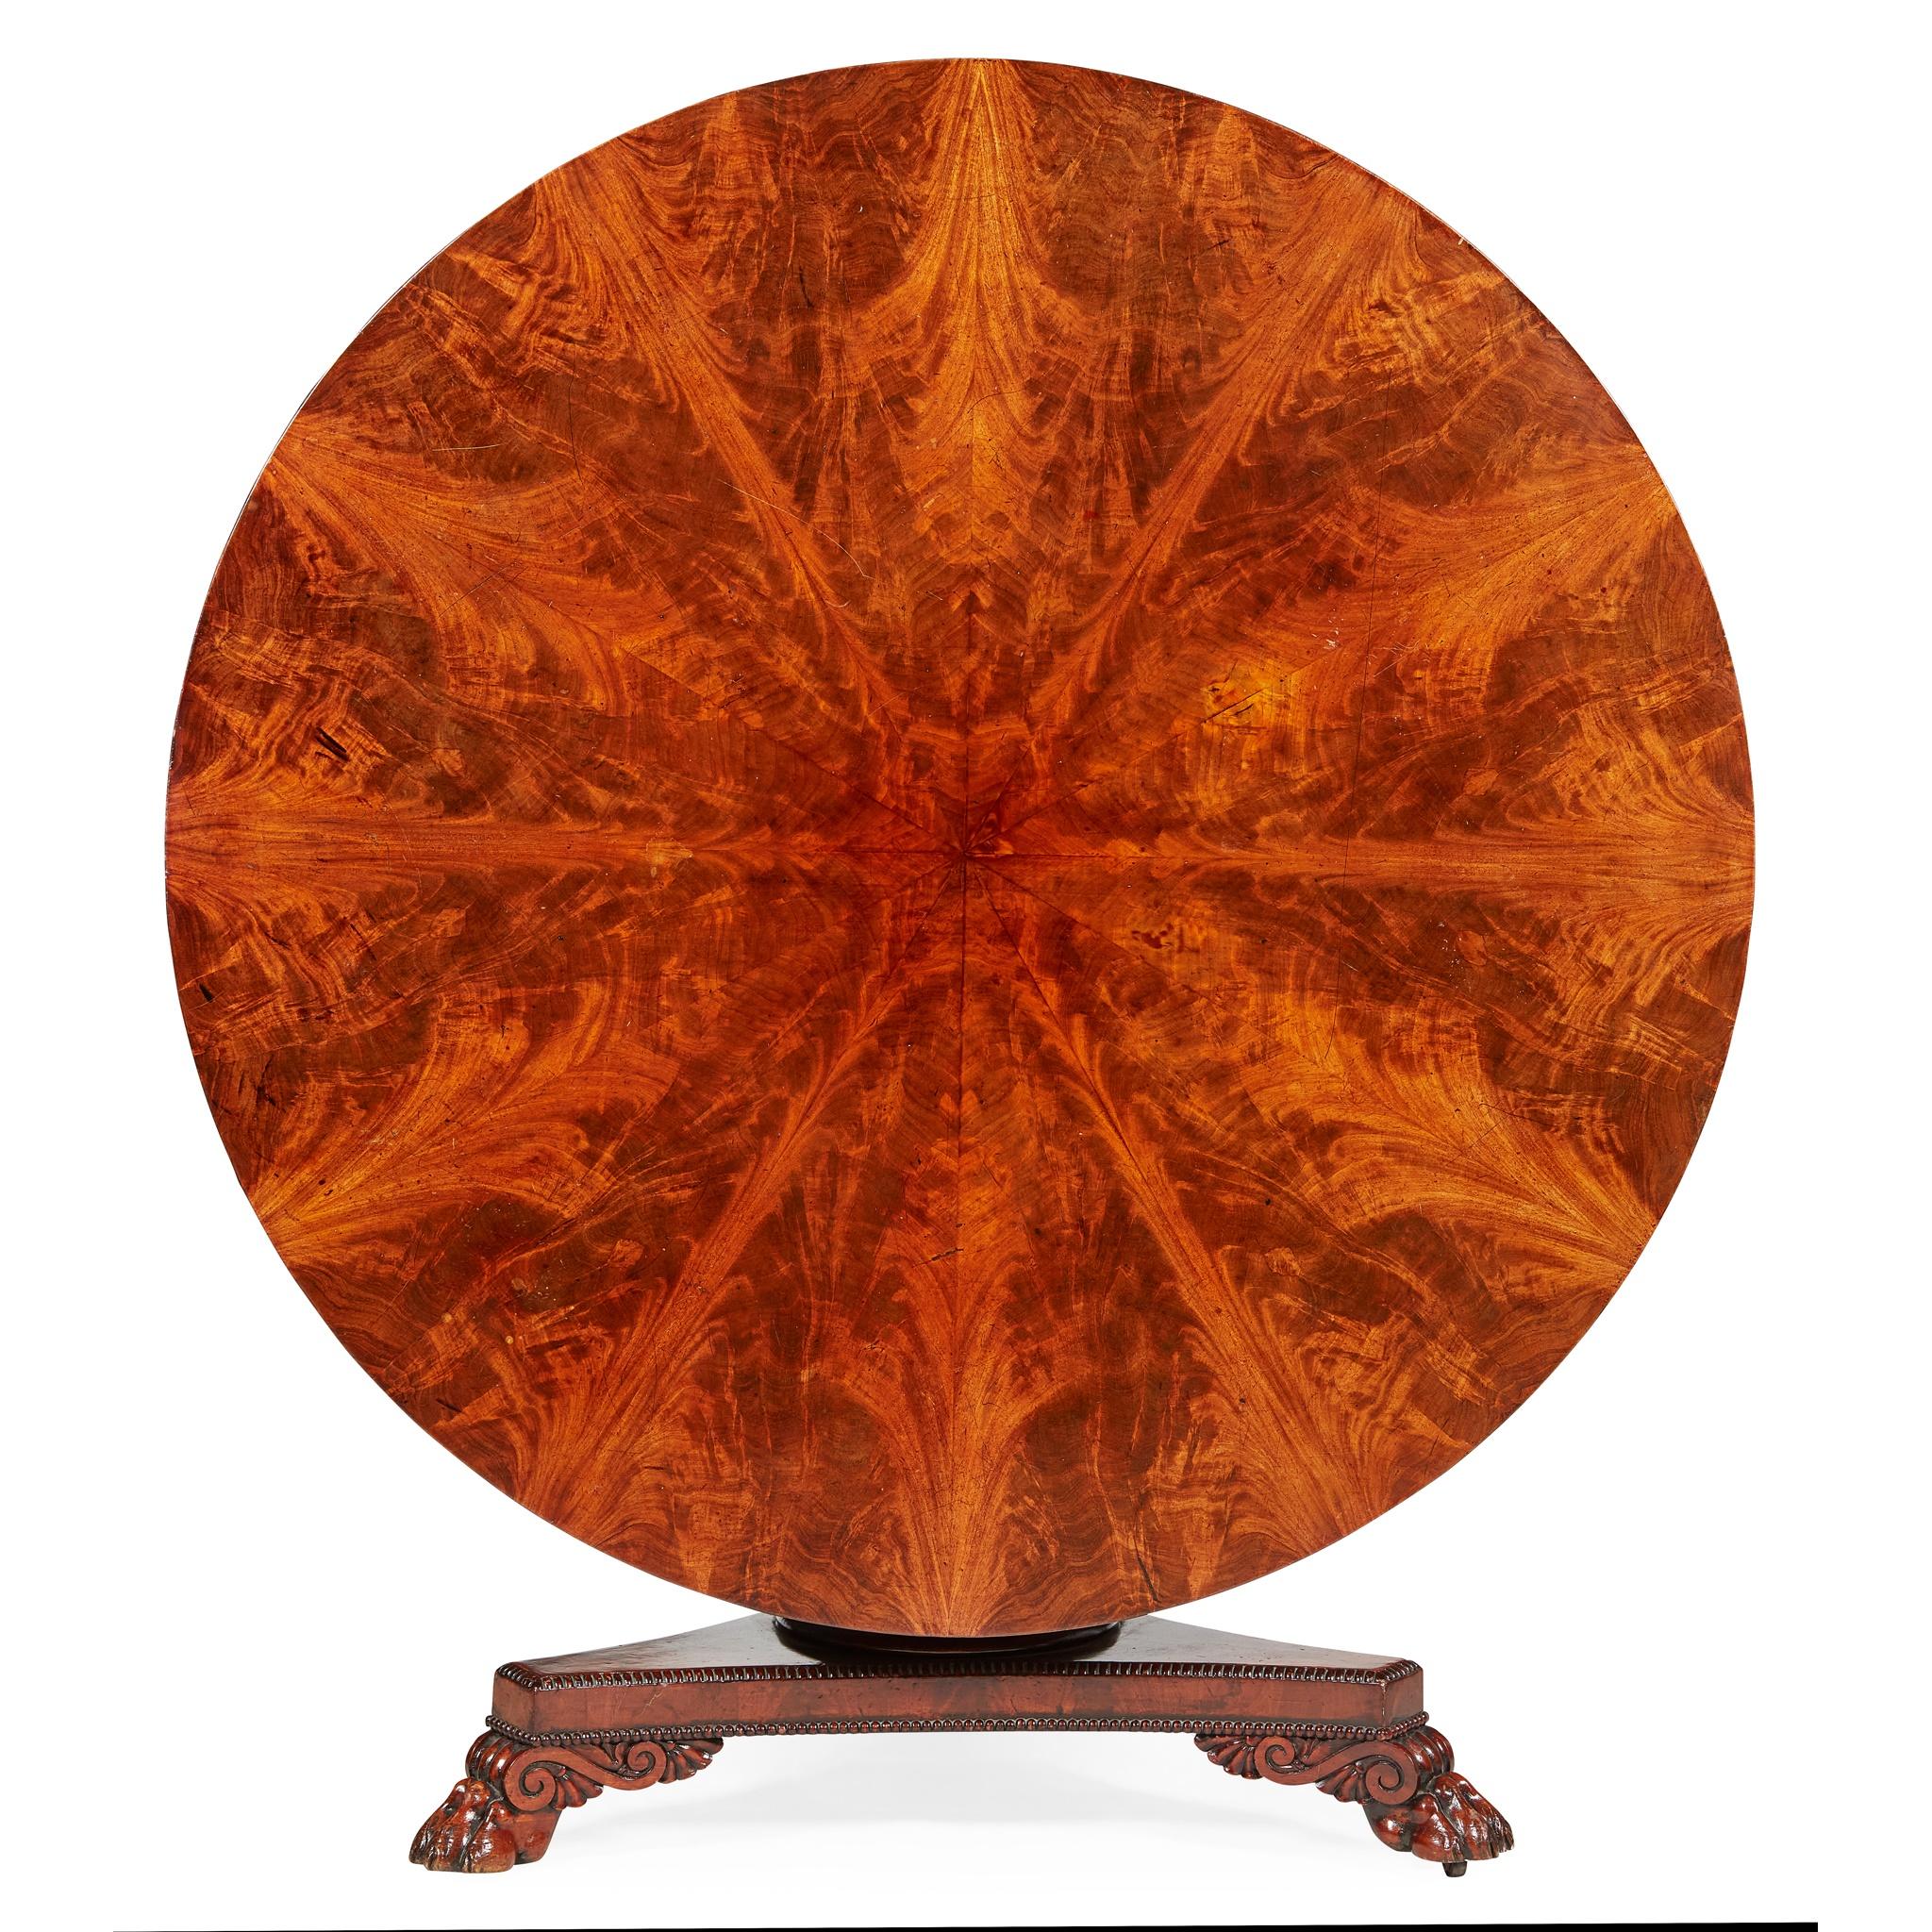 LATE REGENCY MAHOGANY BREAKFAST TABLE EARLY 19TH CENTURY